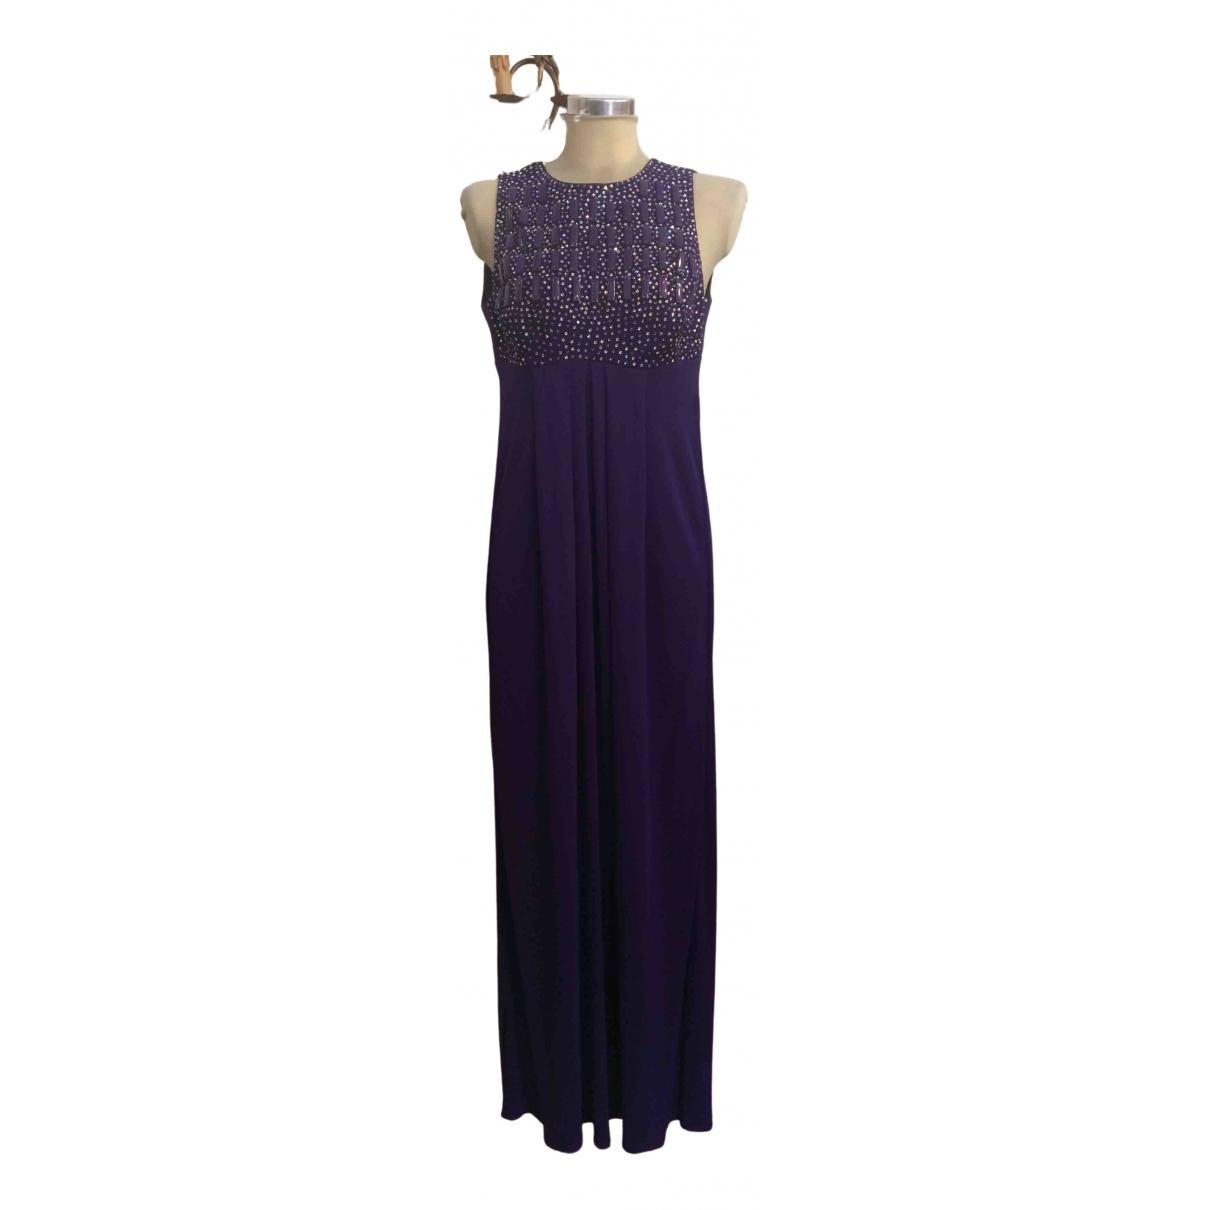 Blumarine \N Kleid in  Lila Viskose